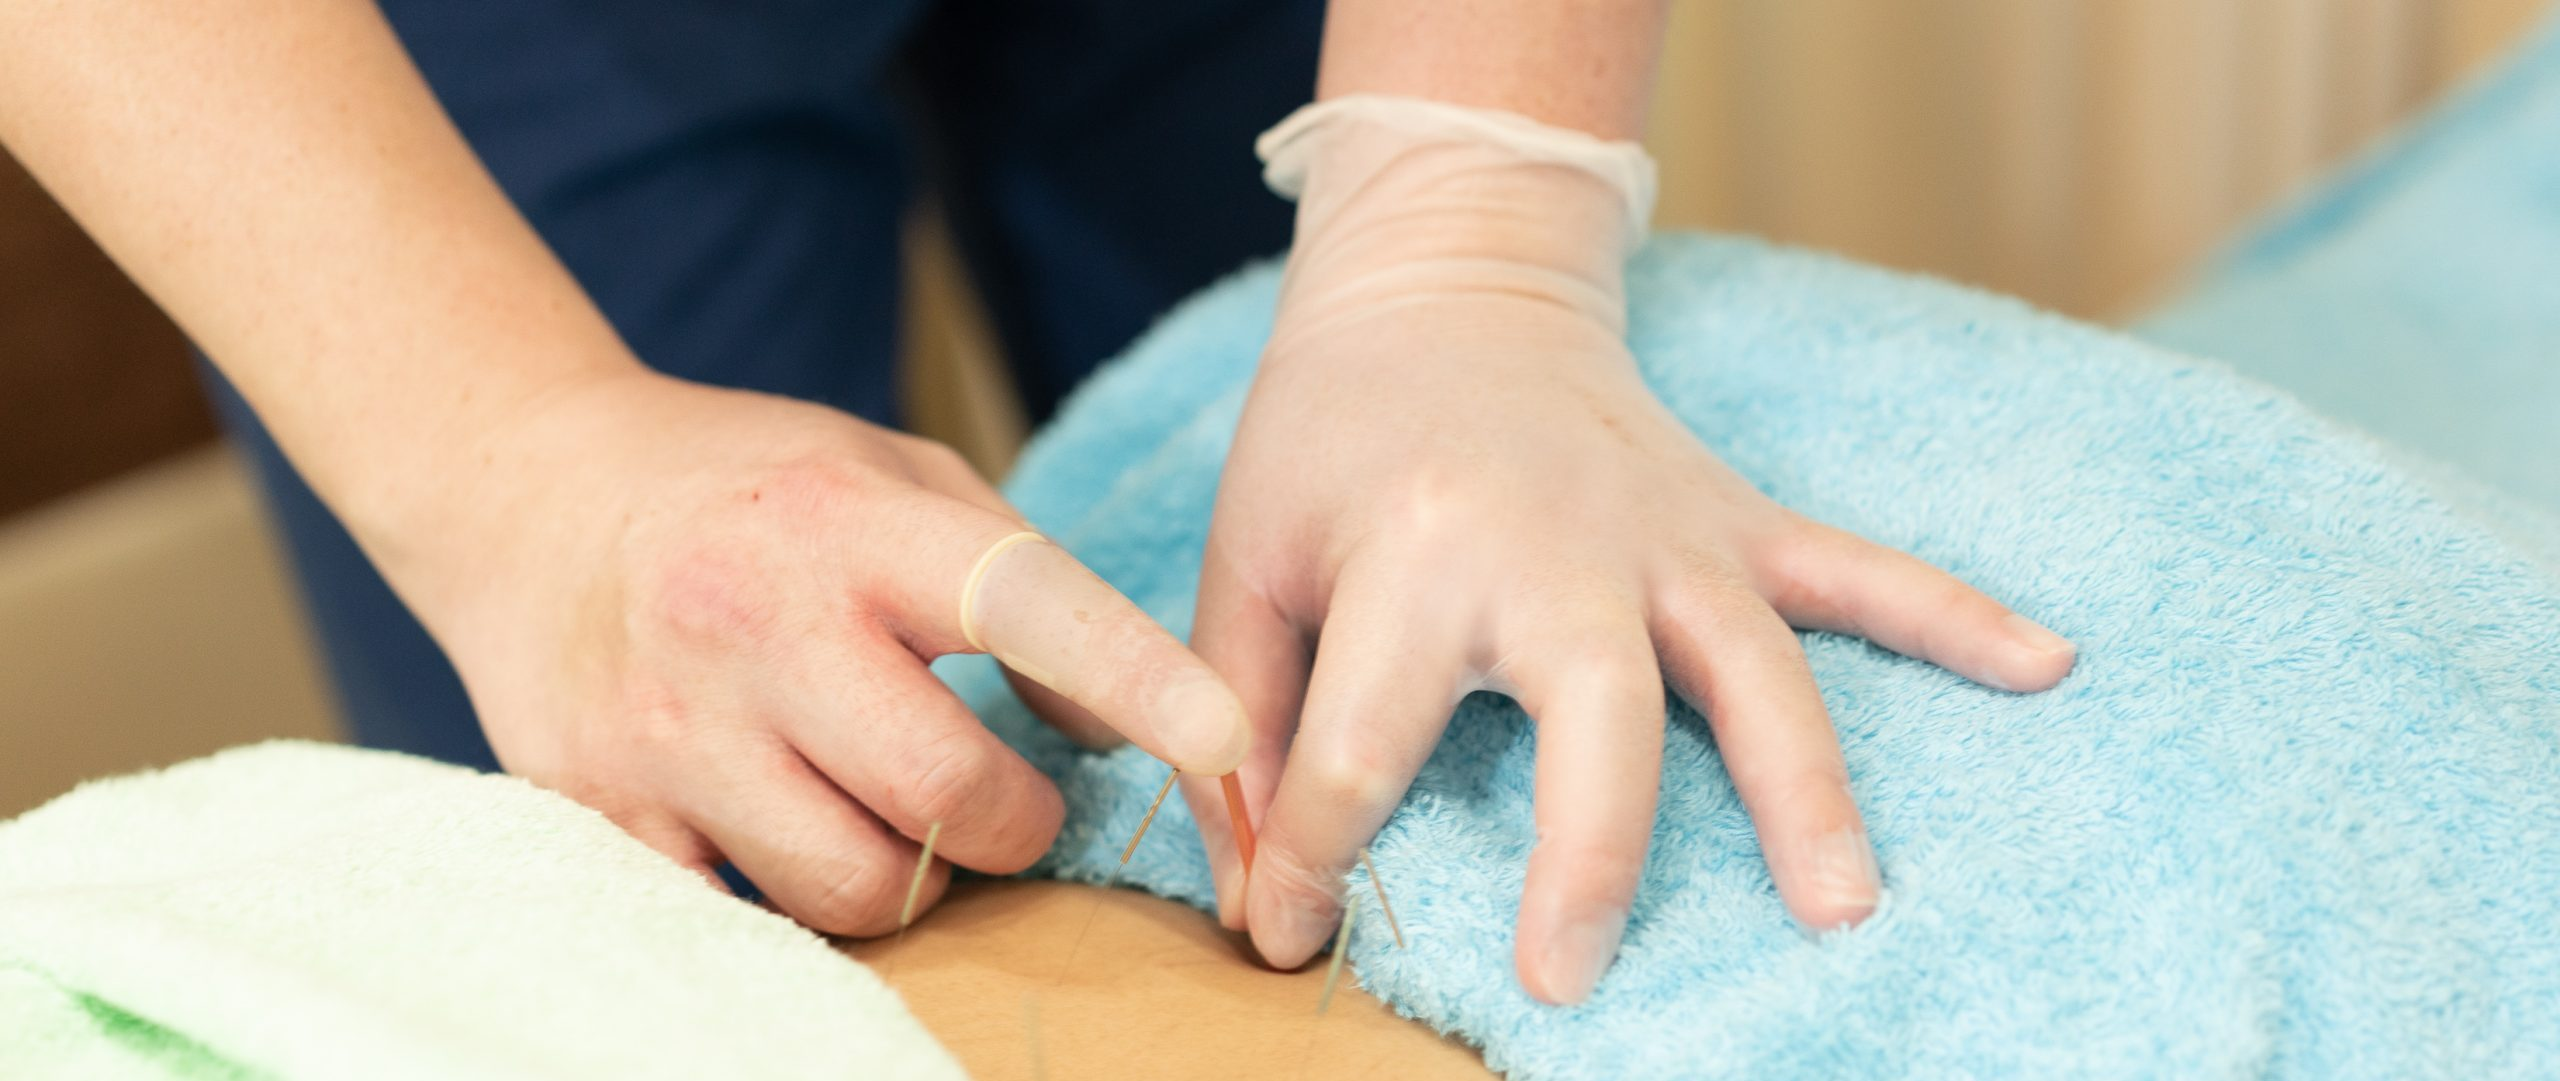 栃木市で鍼灸治療なら、やまとはり・きゅう整骨院